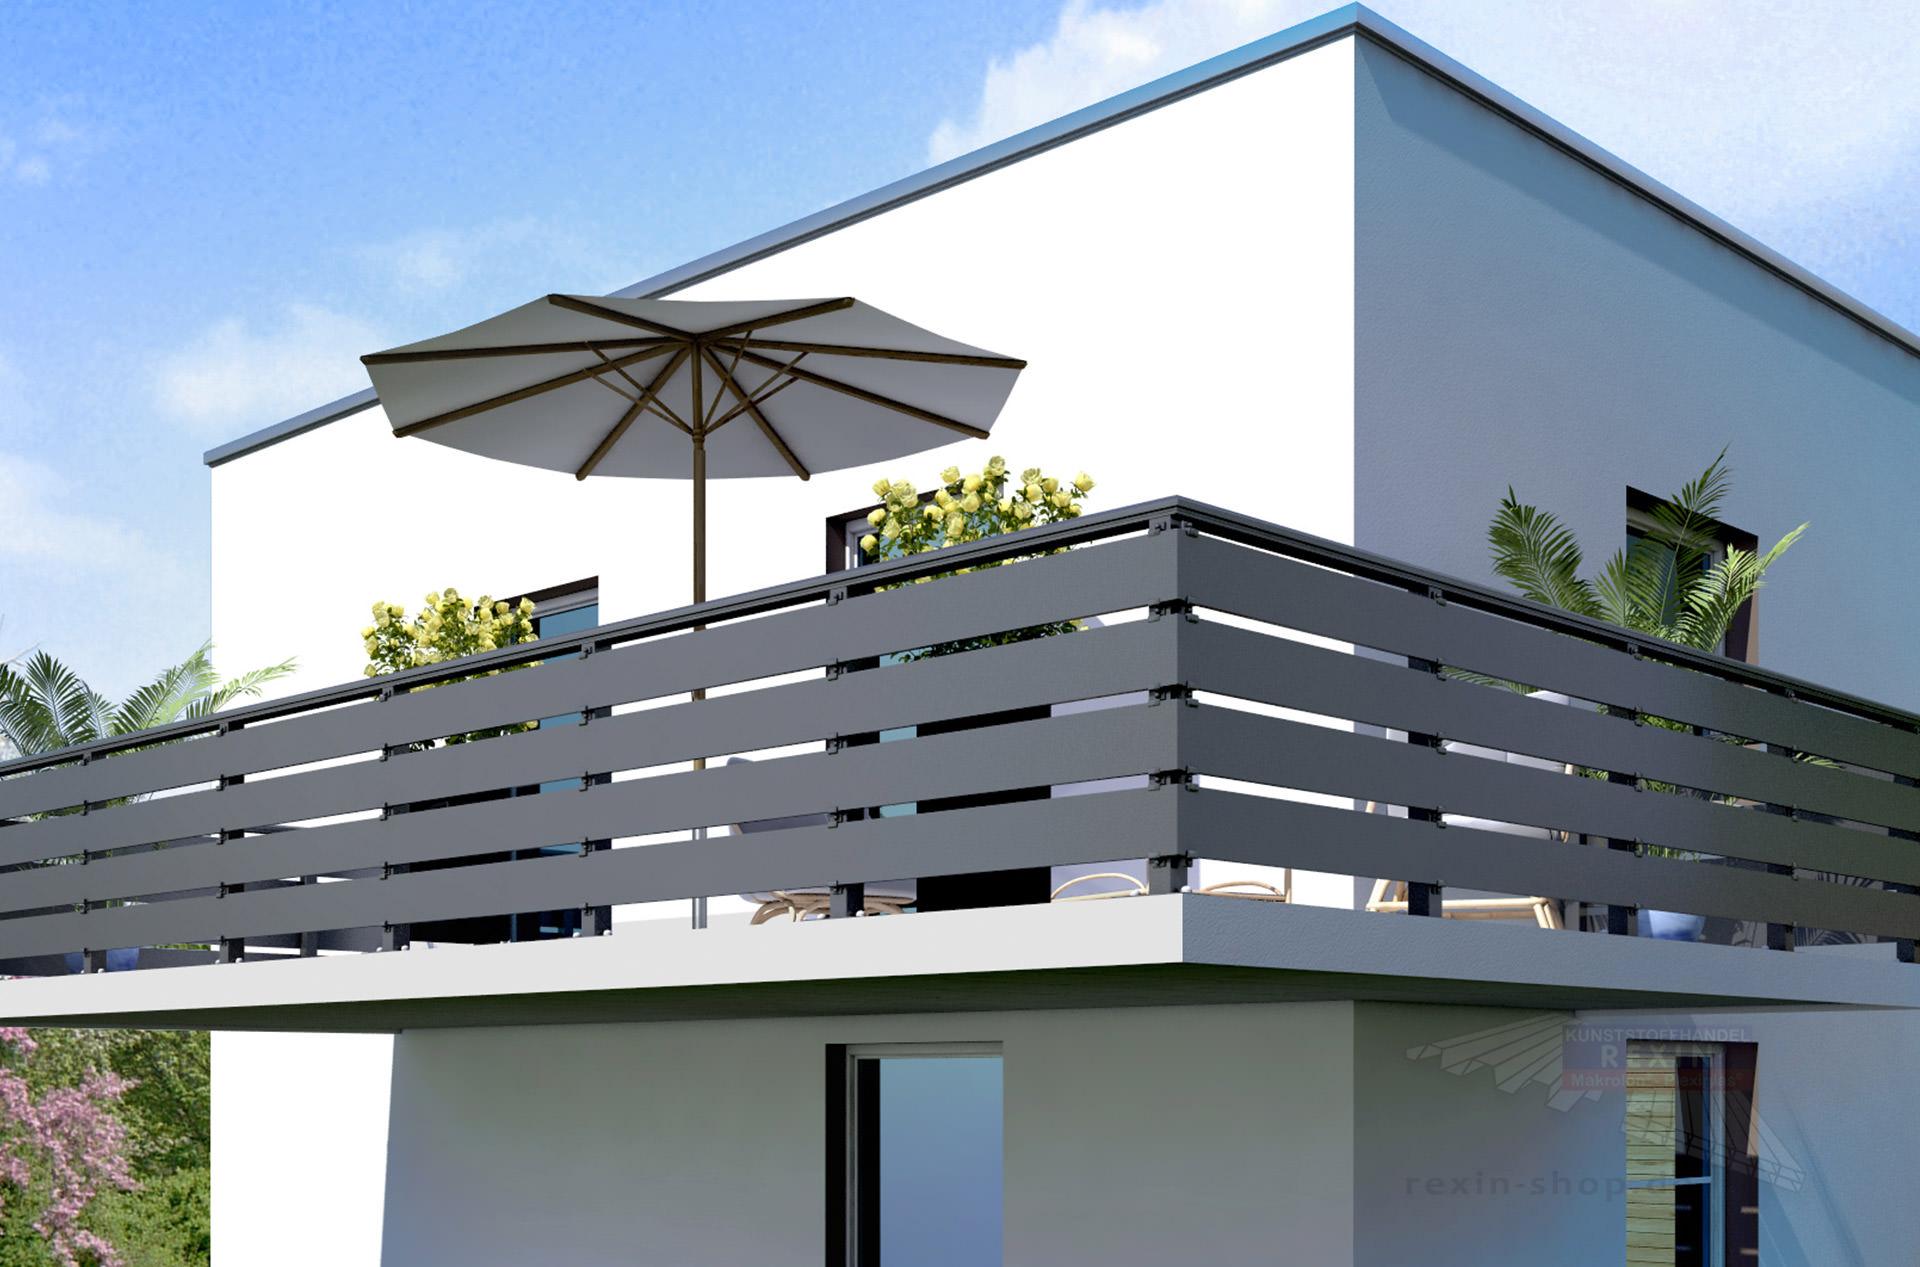 Sehr REXOboard Alu-Balkonbretter 150mm, anthrazit mit Struktureffekt PM36